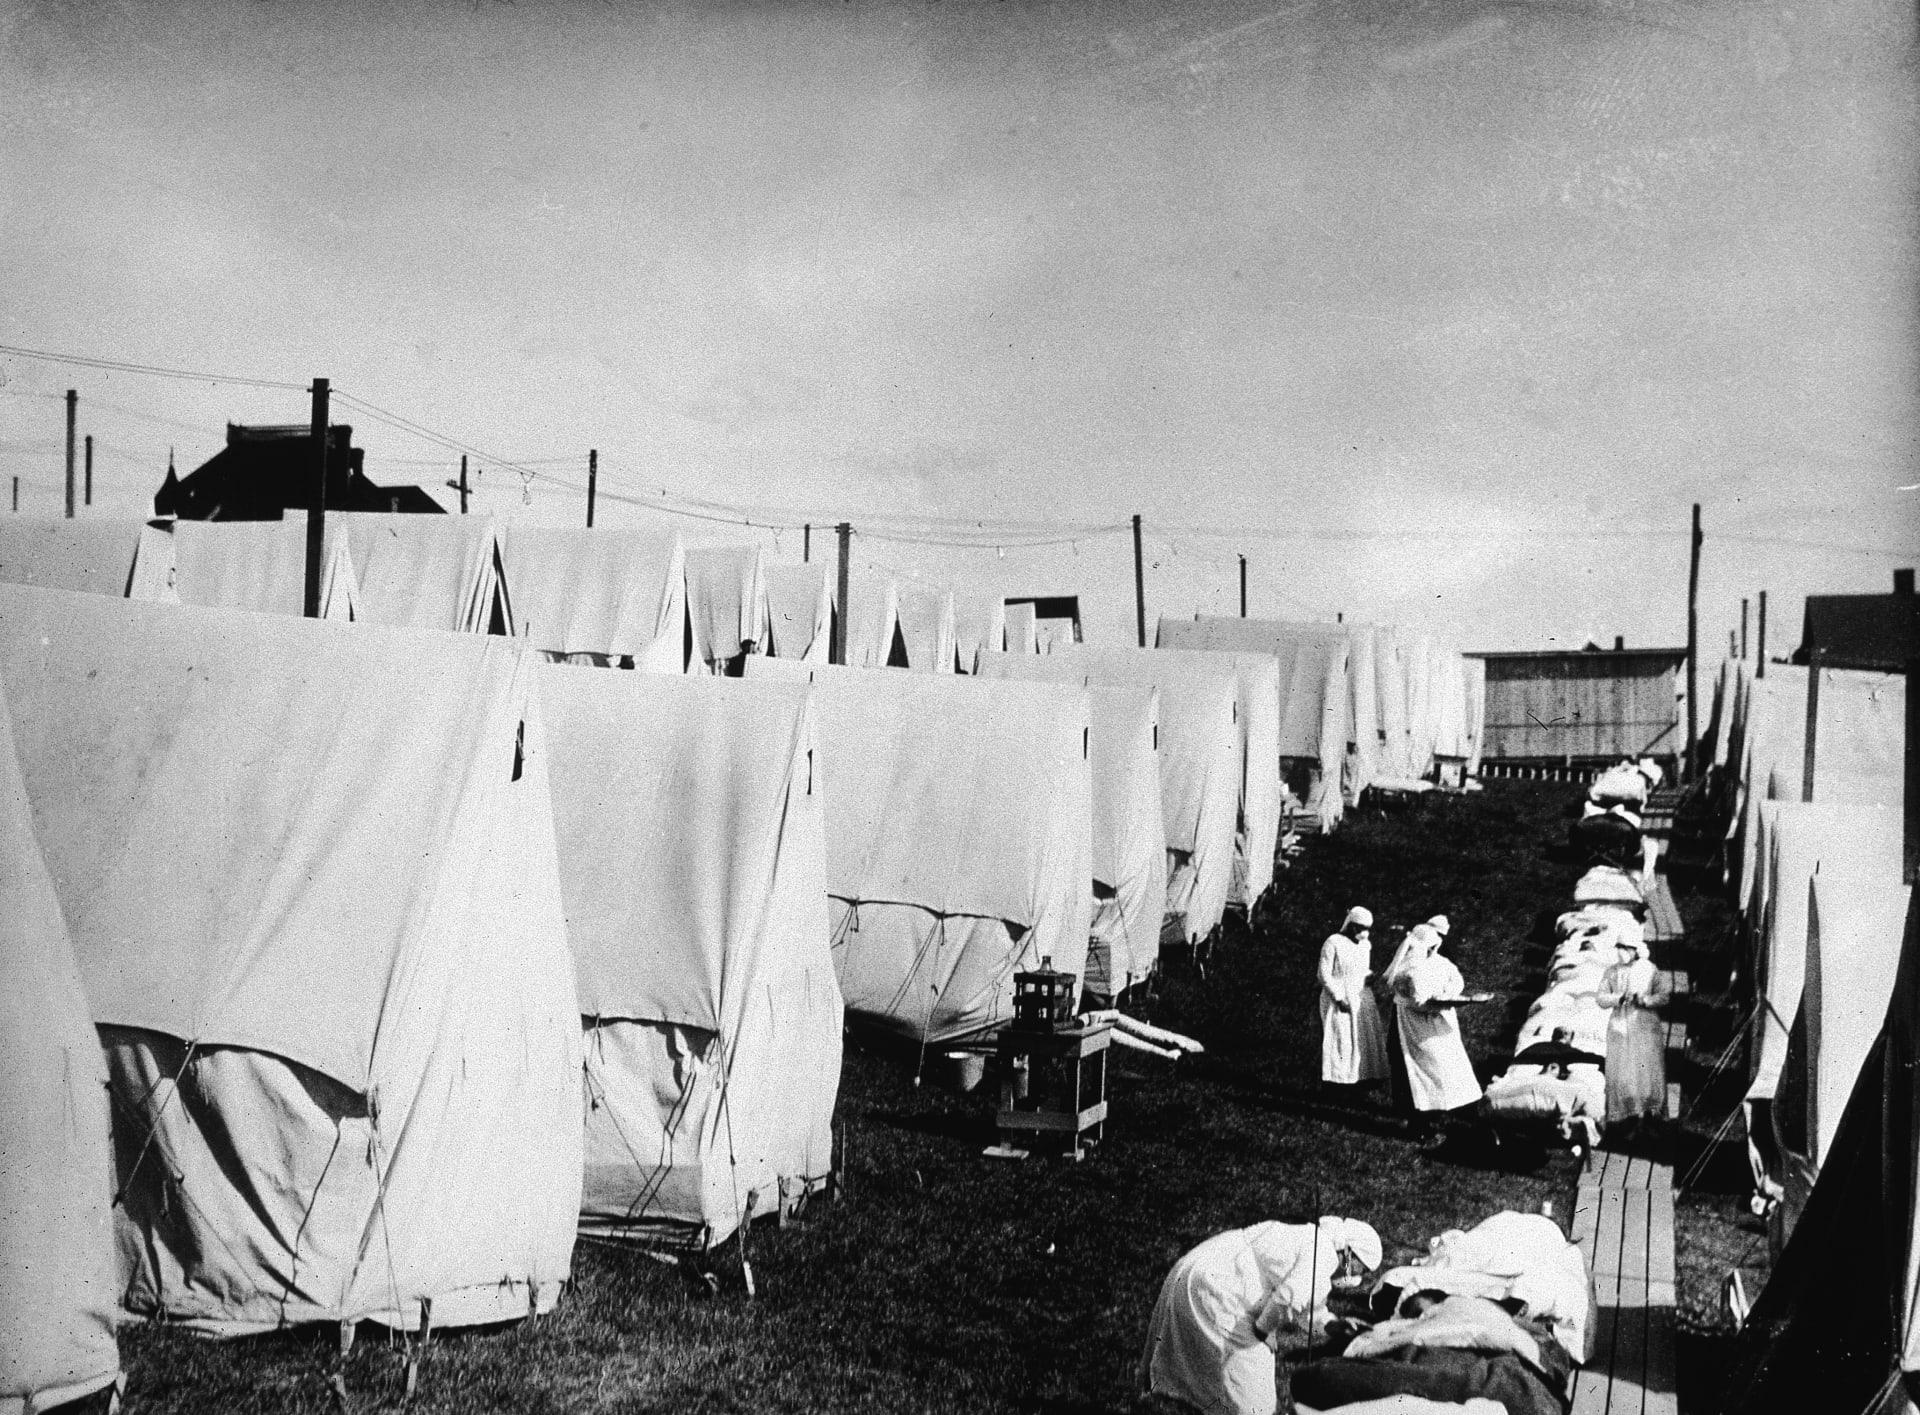 ما الذي يمكن تعمله من الموجة الثانية القاتلة للإنلفونزا الإسبانية عام 1918 خلال جائحة فيروس كورونا؟